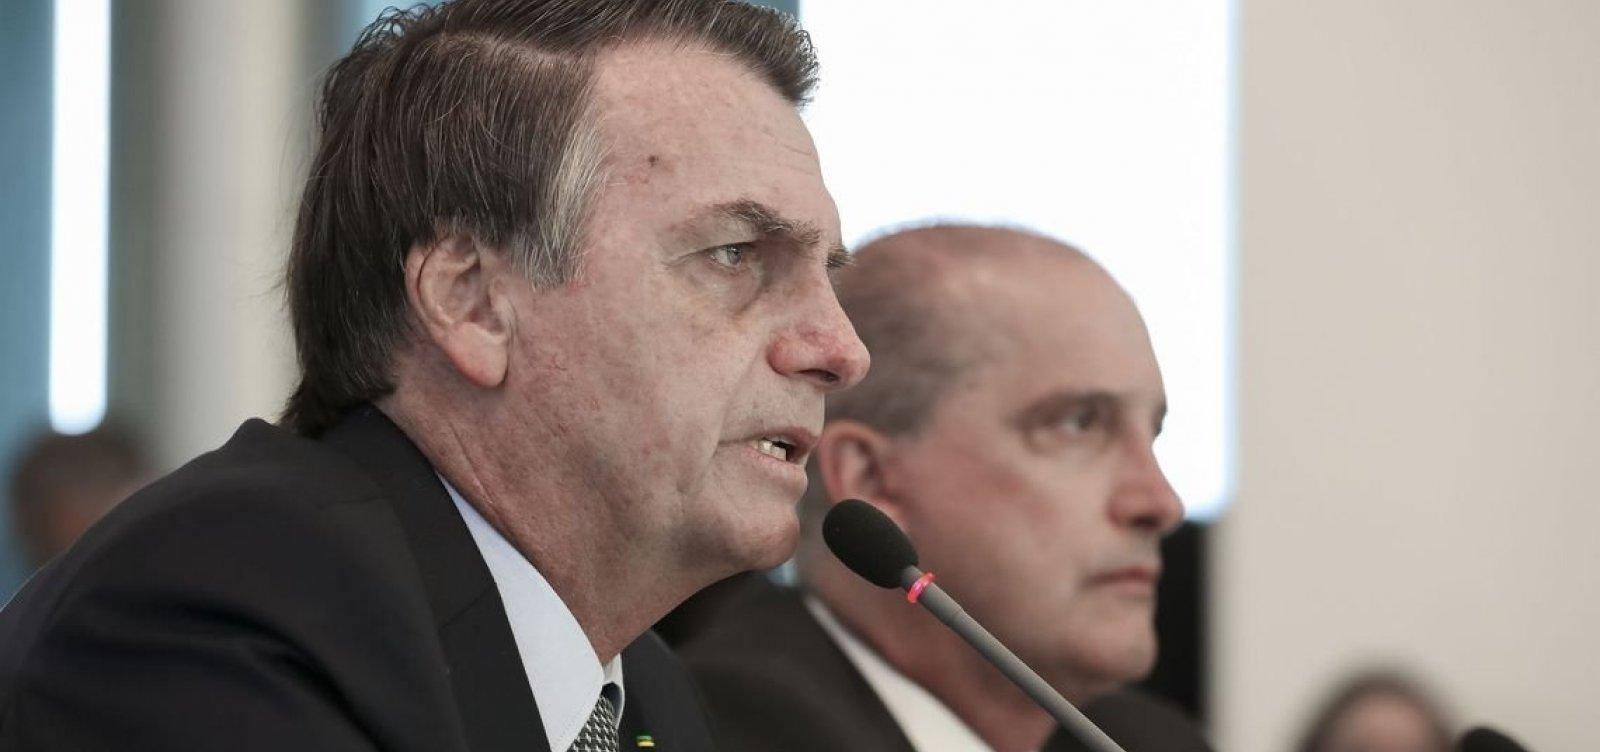 [Governo promete R$ 10 mi por semestre a deputados que apoiarem a reforma]